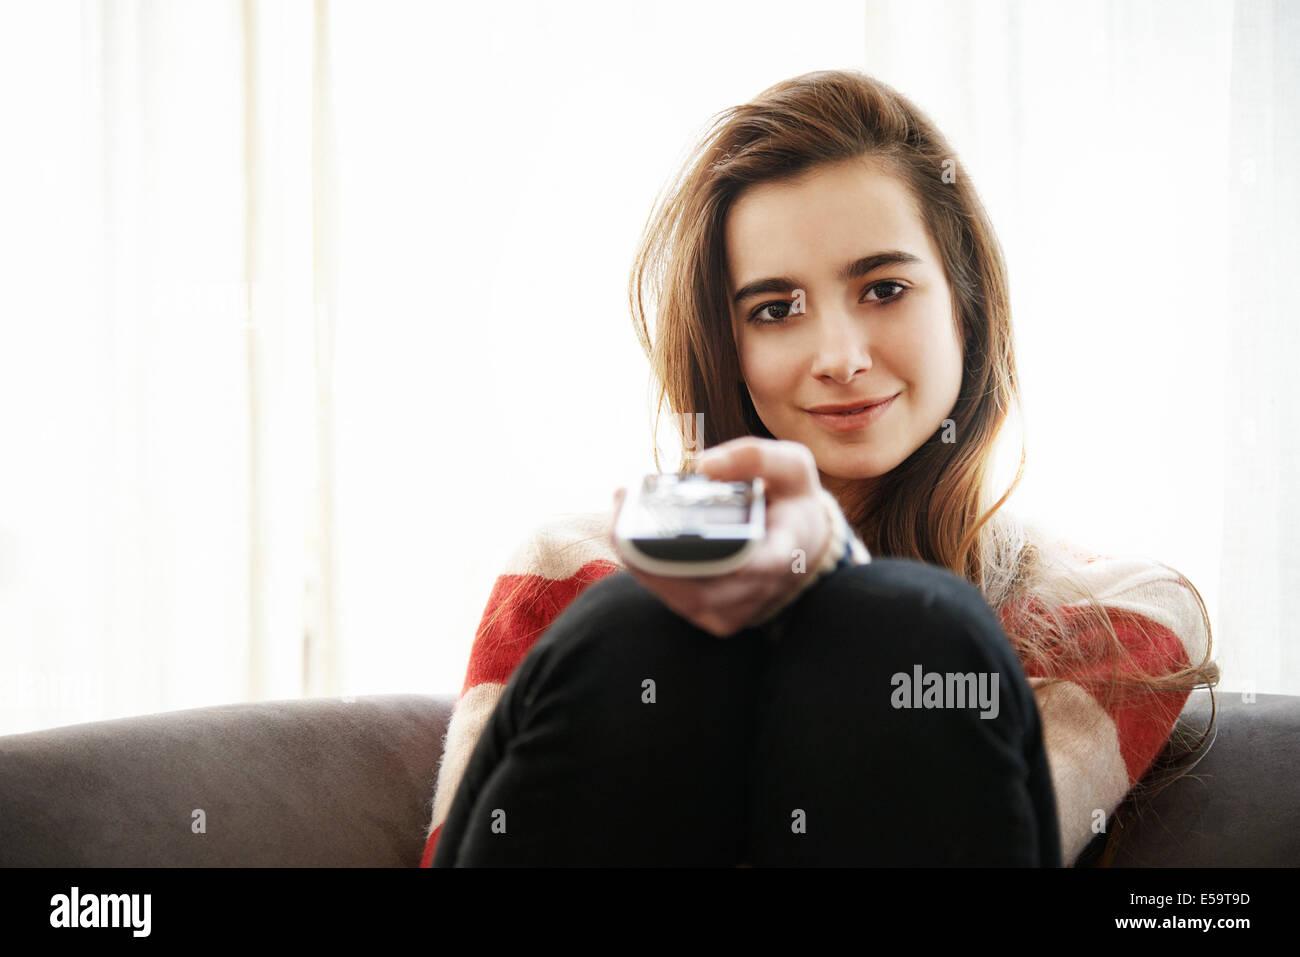 Ragazza adolescente di guardare la televisione sul divano Immagini Stock